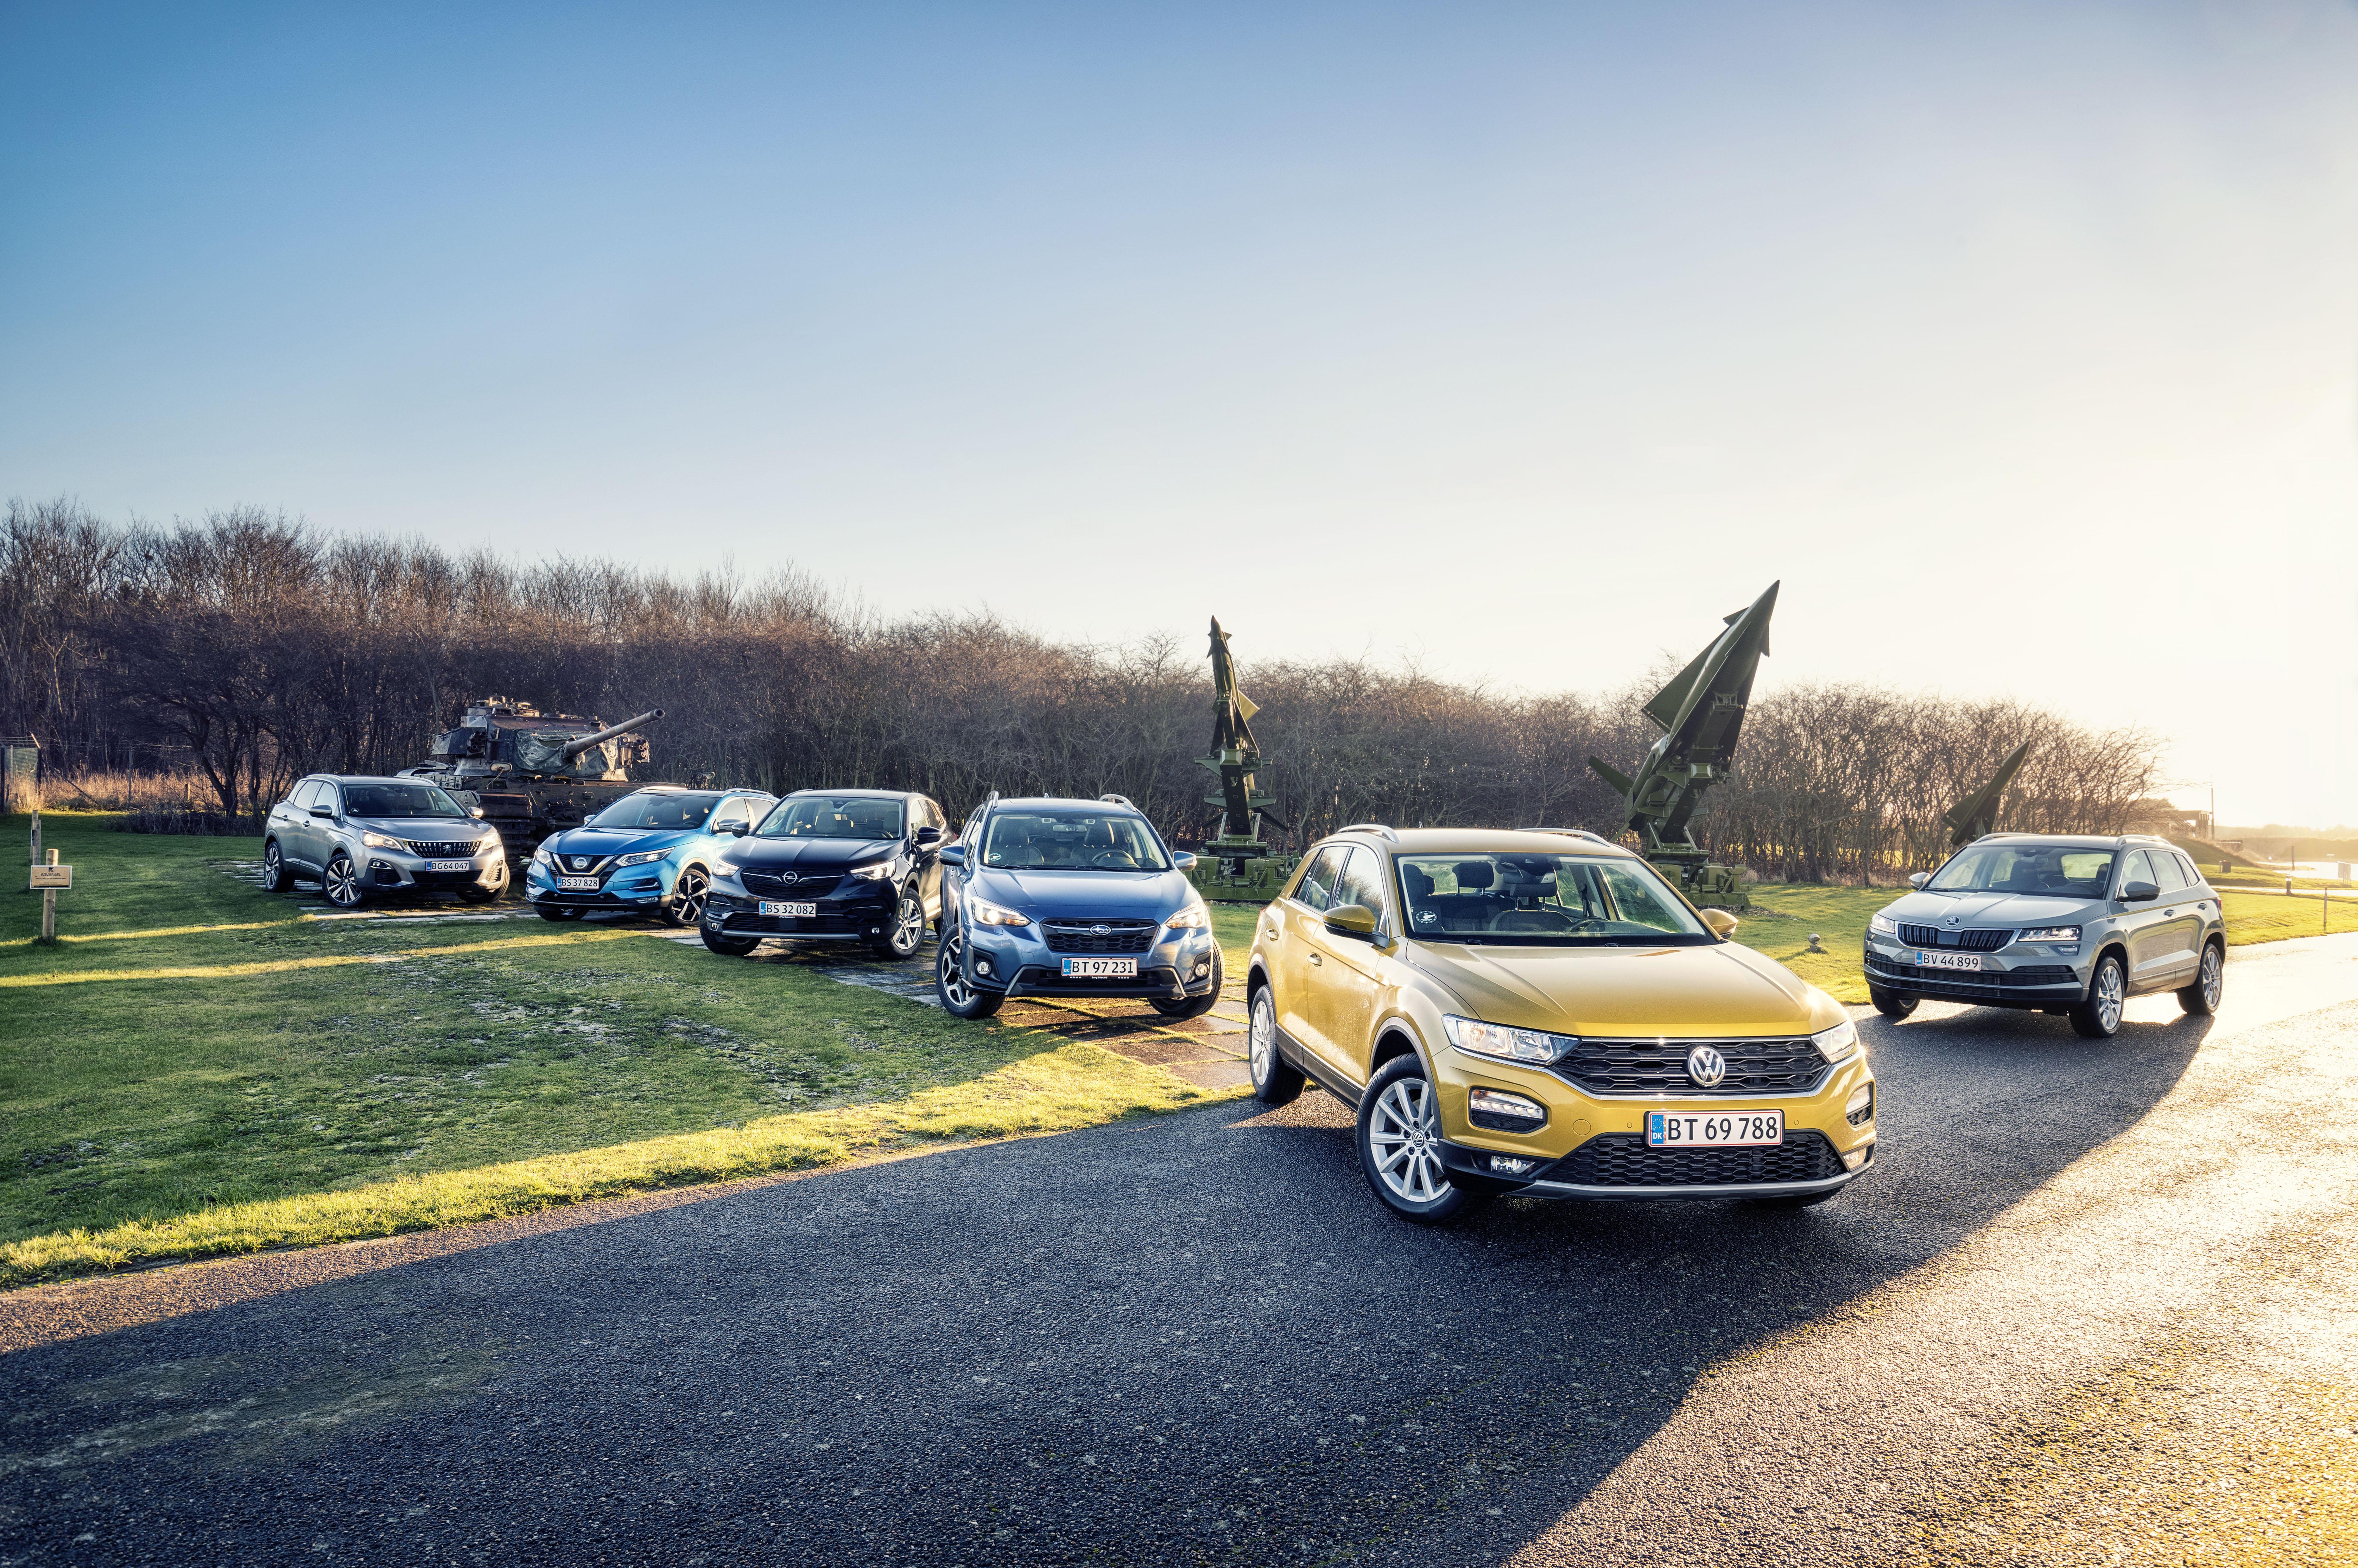 Nye tal: Stort set gratis at fjerne 150 pct. afgift på biler | Bilmagasinet.dk